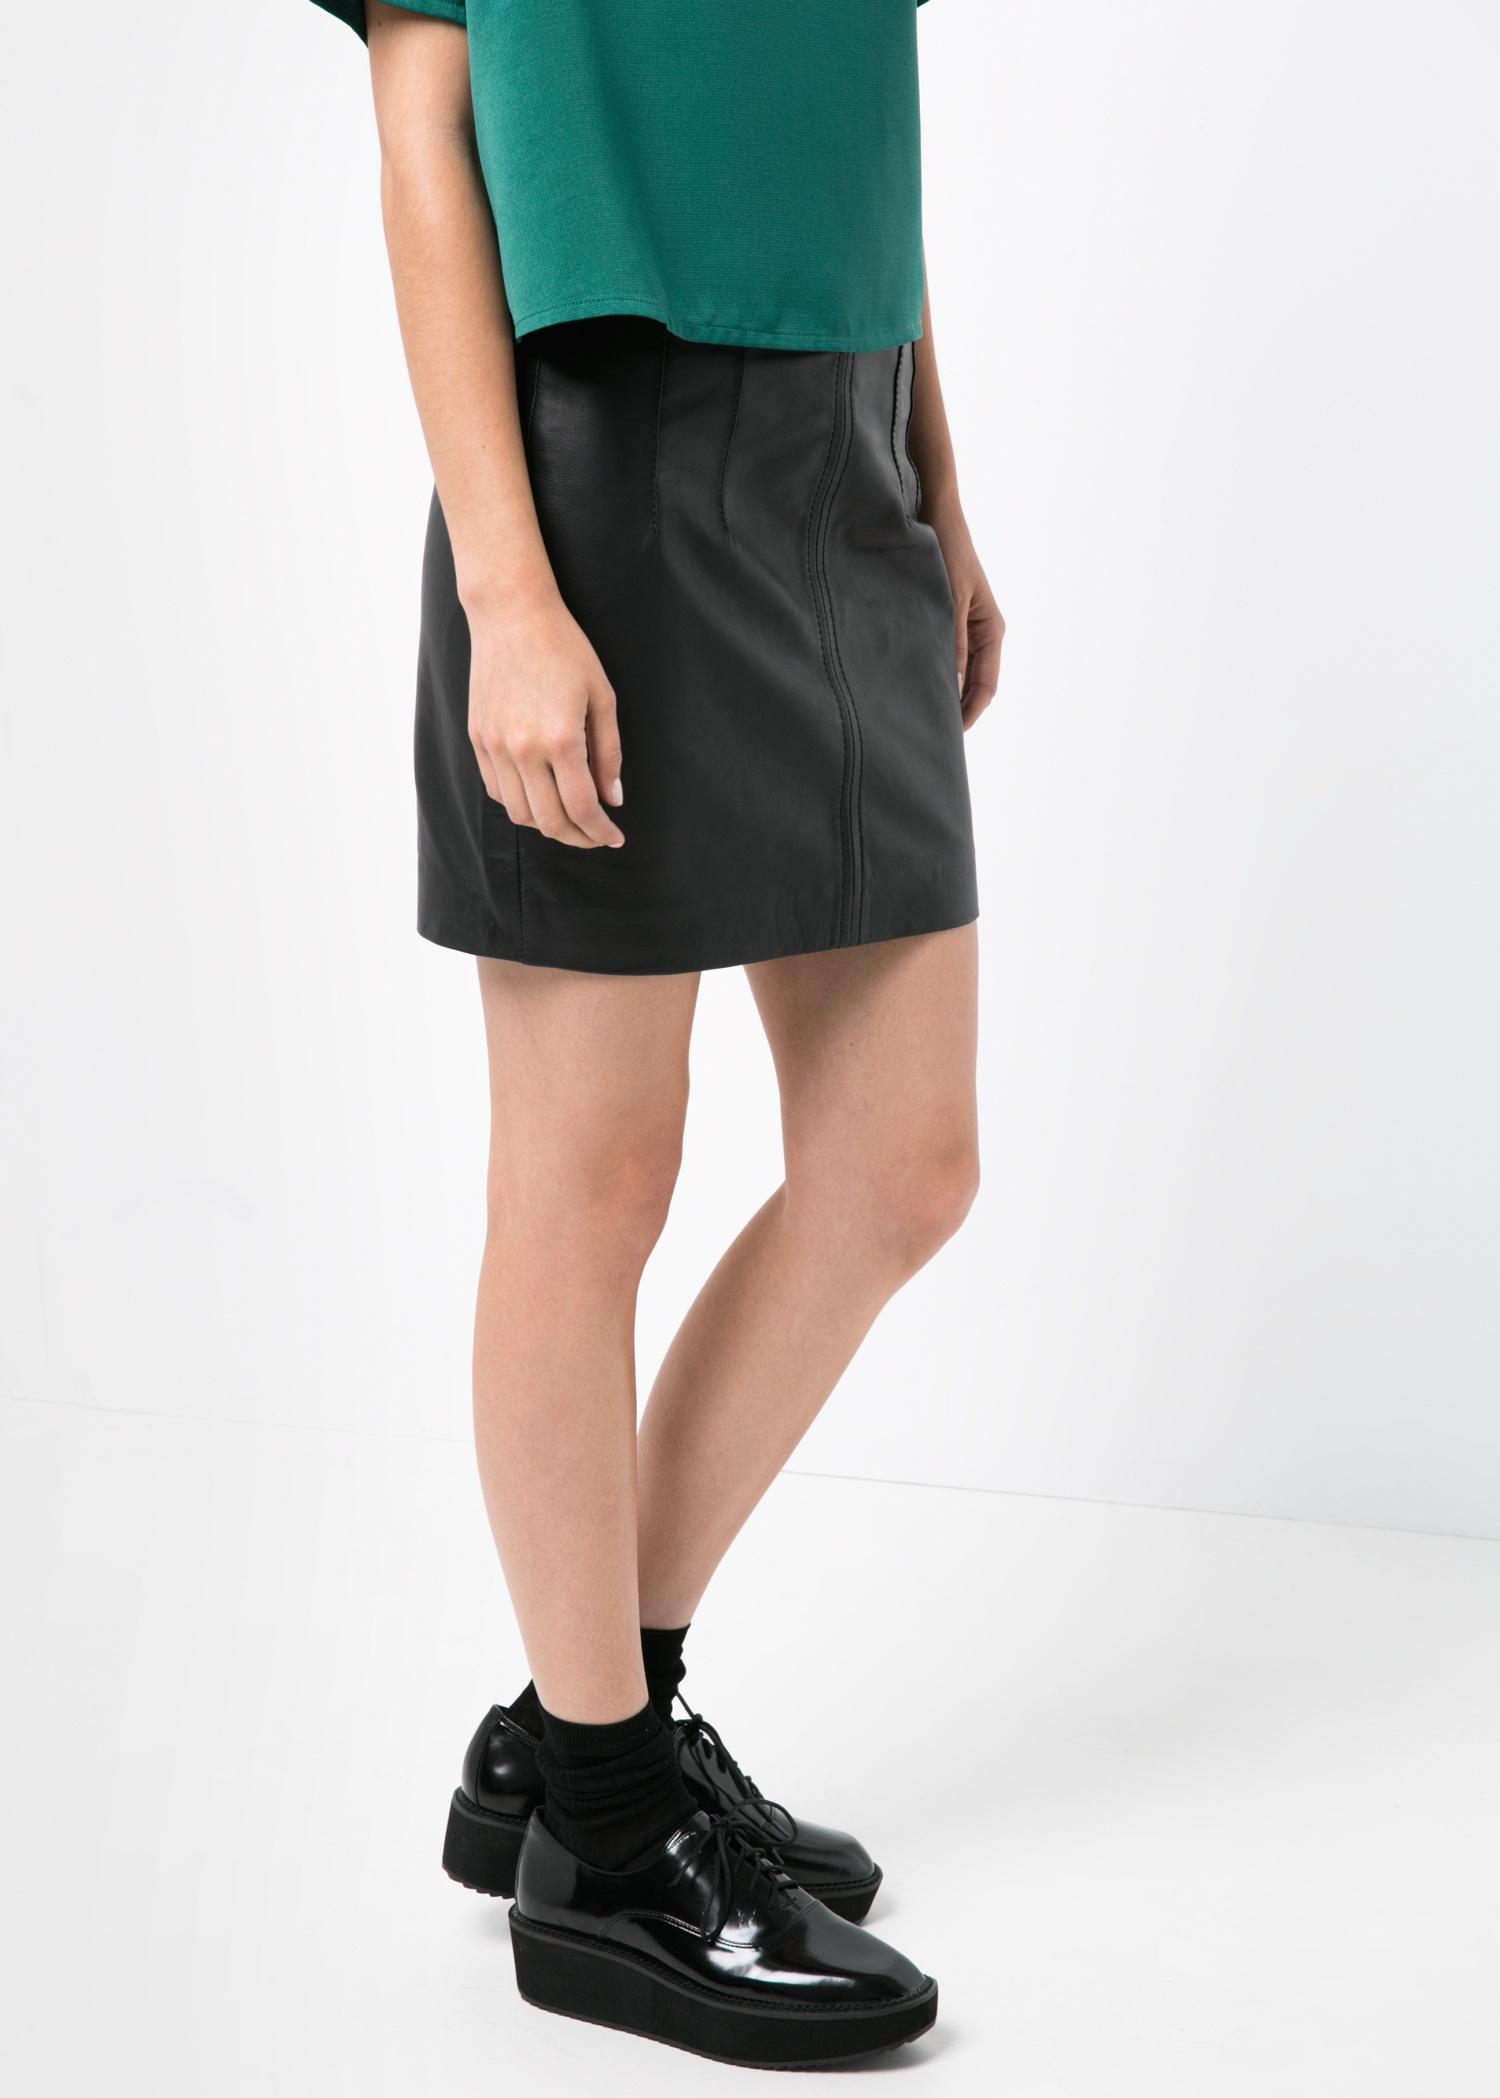 Leather miniskirt - Skirts for Women   MANGO